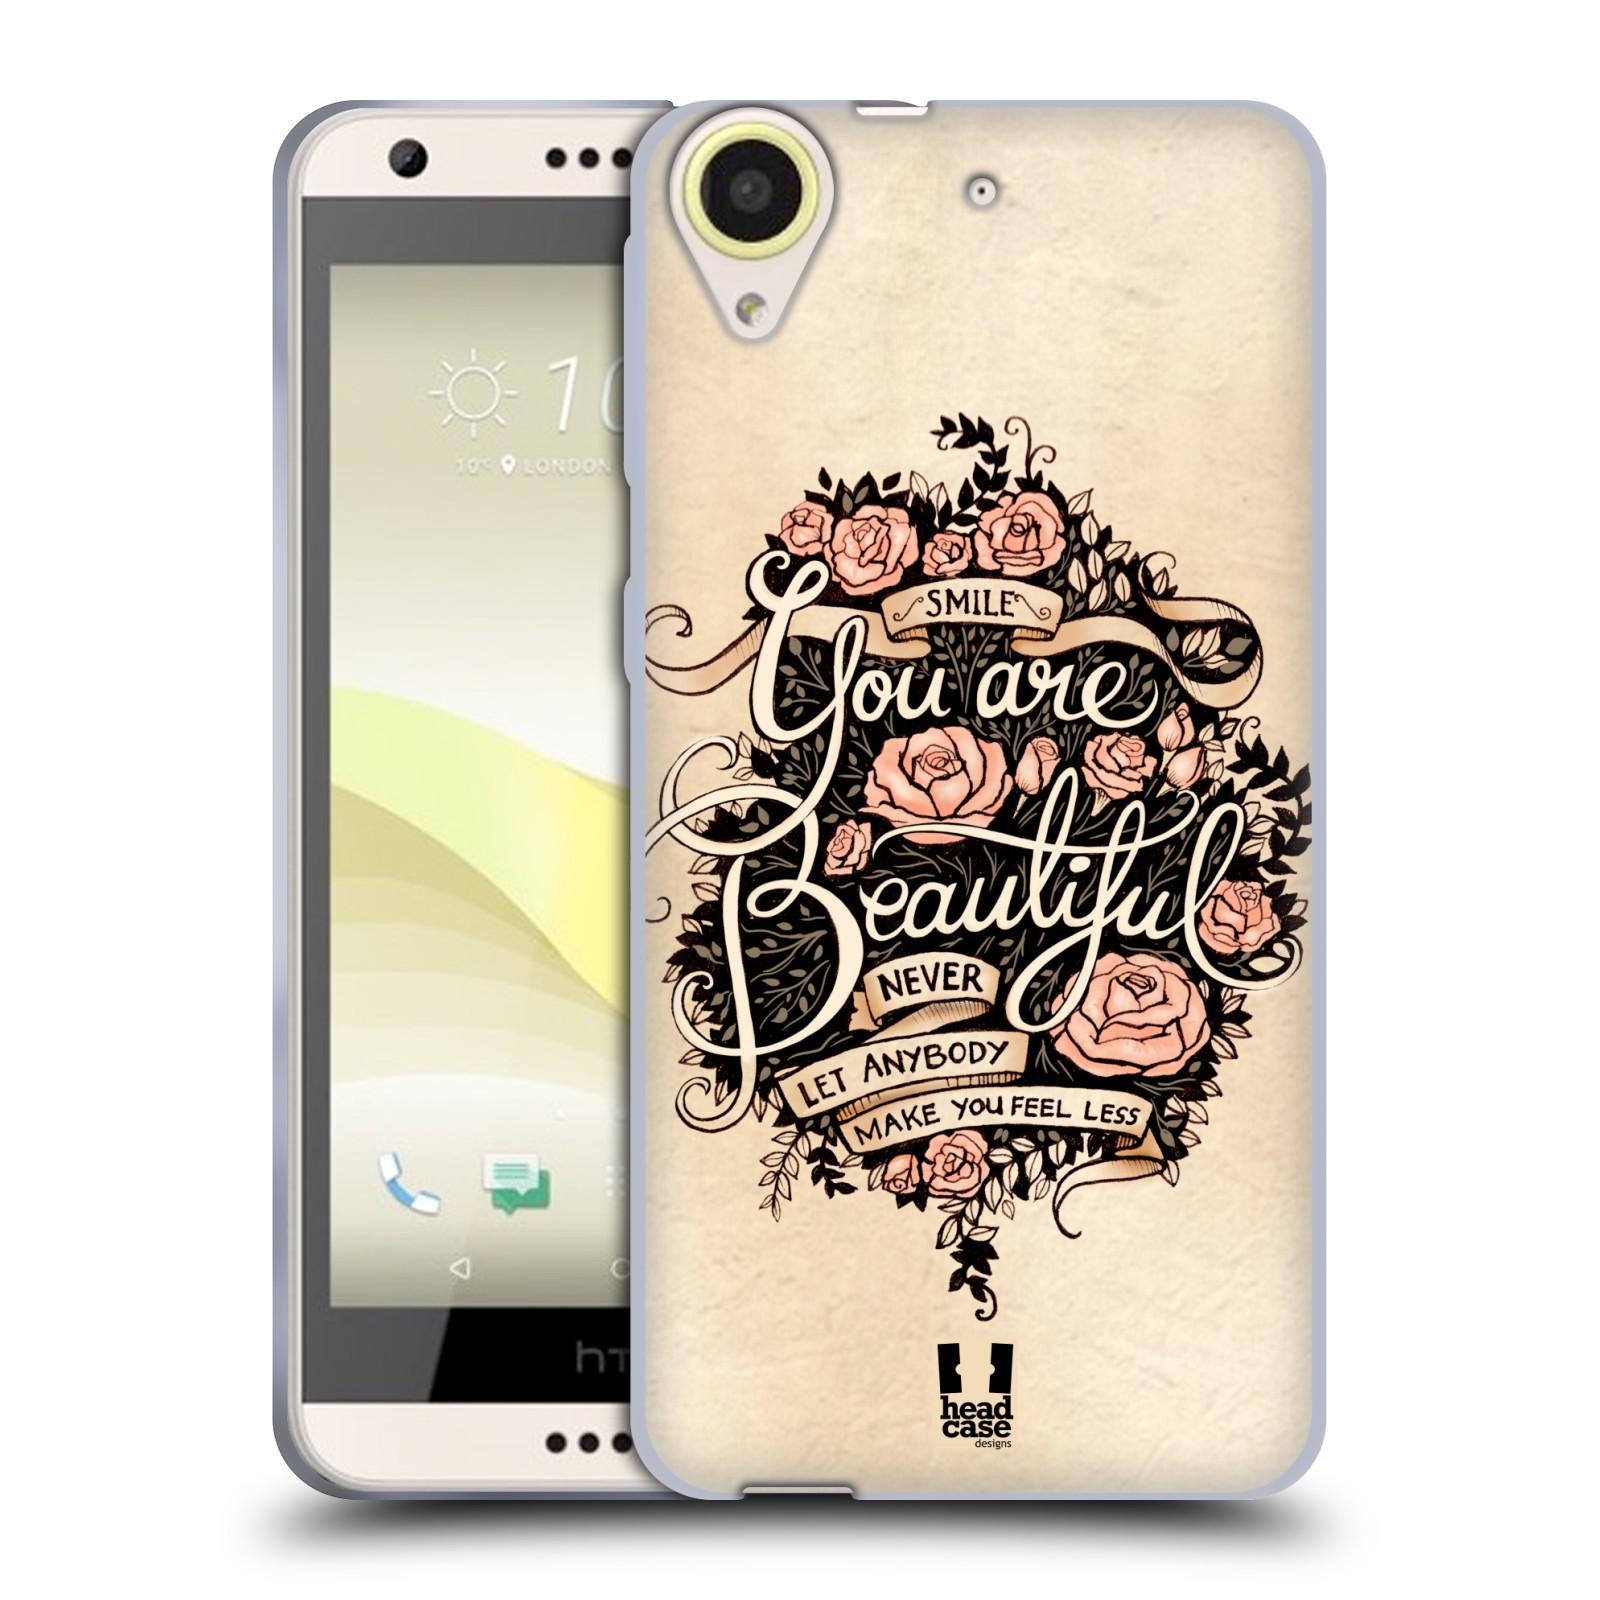 Silikonové pouzdro na mobil HTC Desire 650 HEAD CASE BEAUTIFUL (Silikonový kryt či obal na mobilní telefon HTC Desire 650)